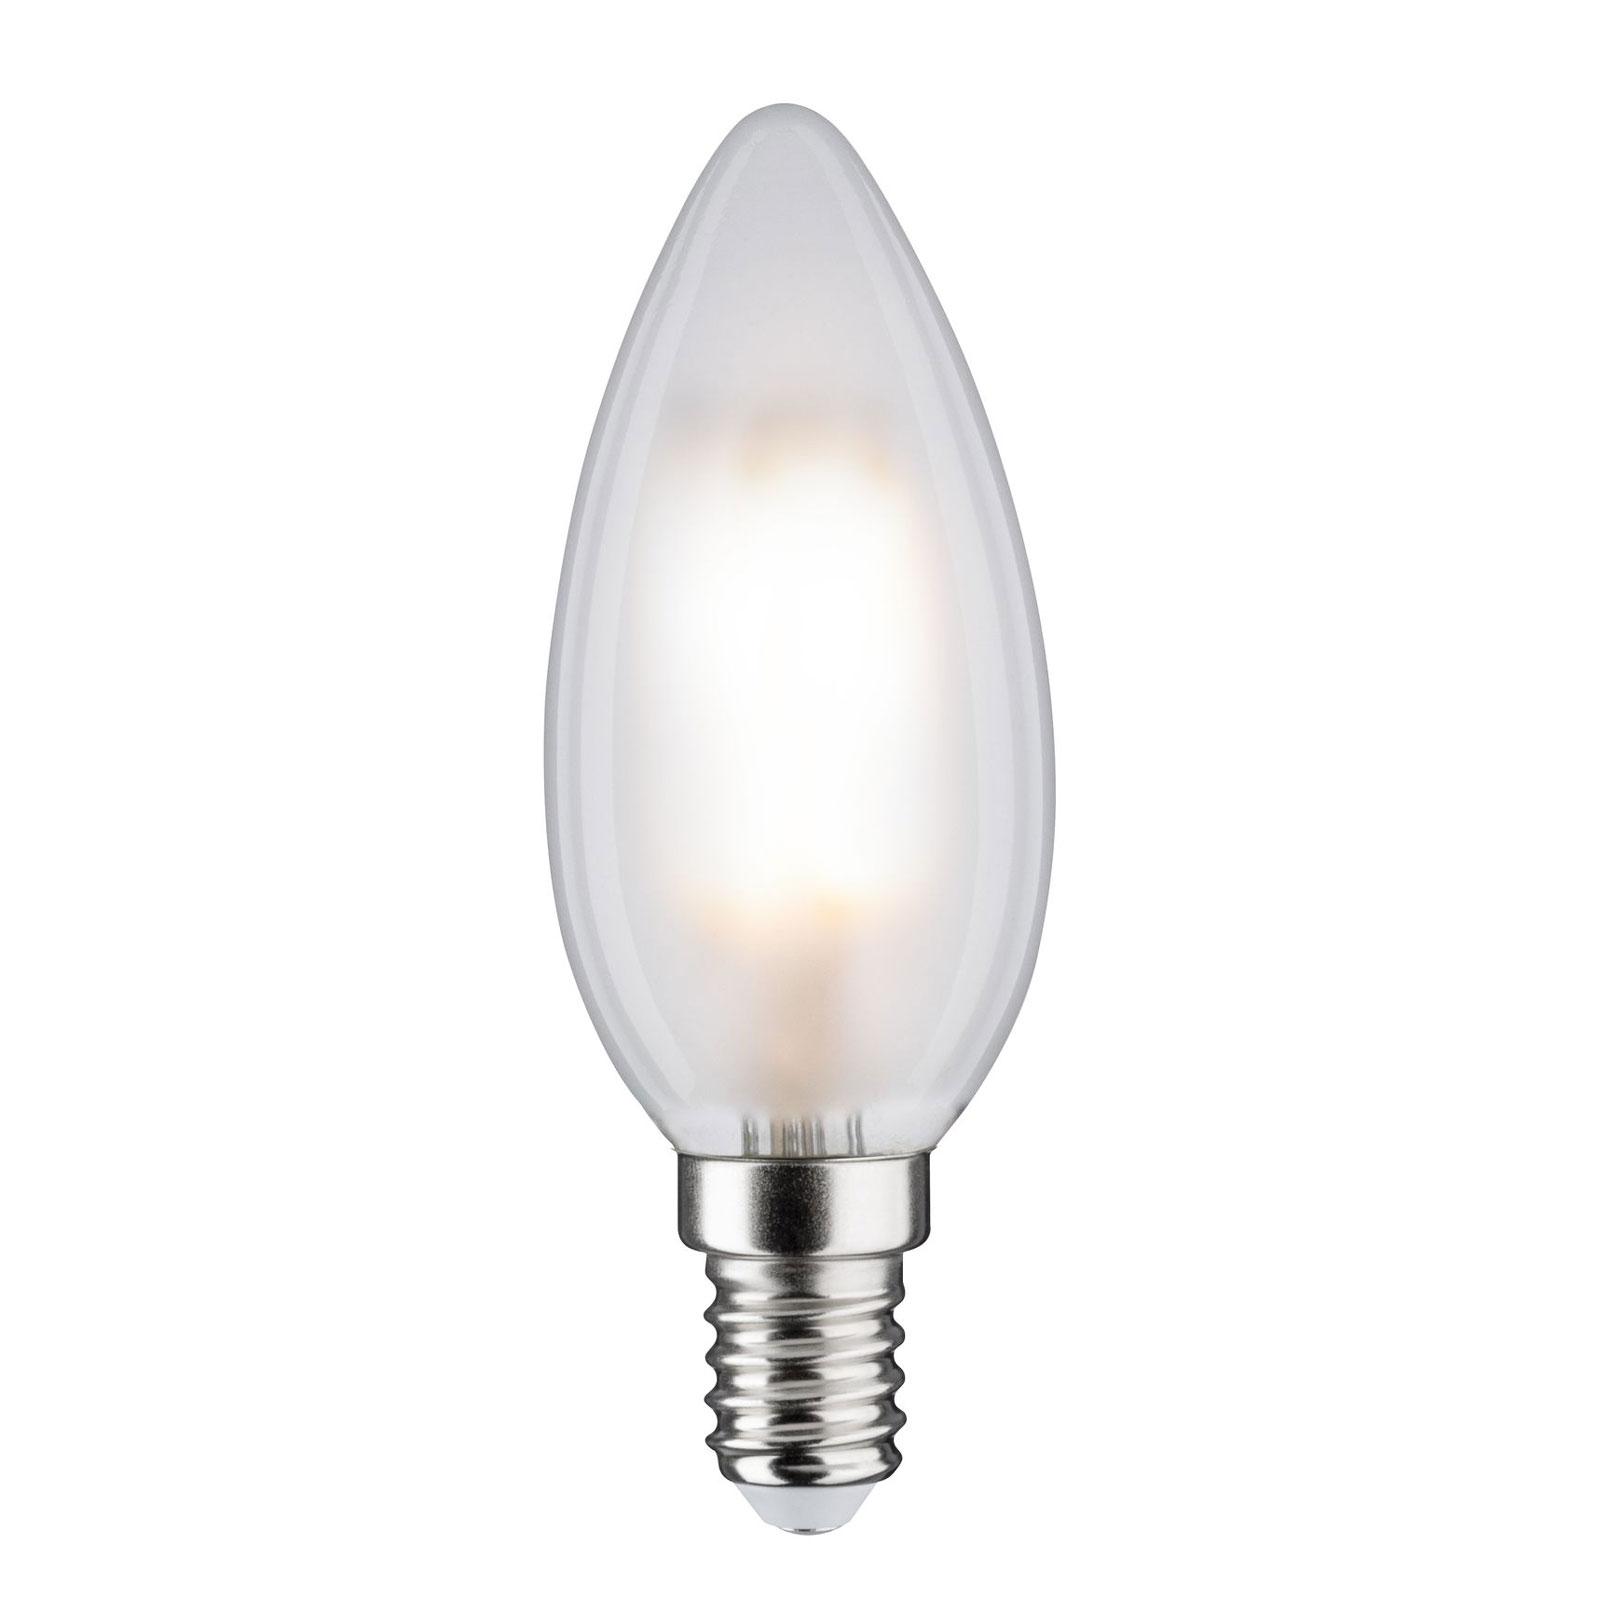 LED-lampa E14 B35 5W 840 matt dimbar